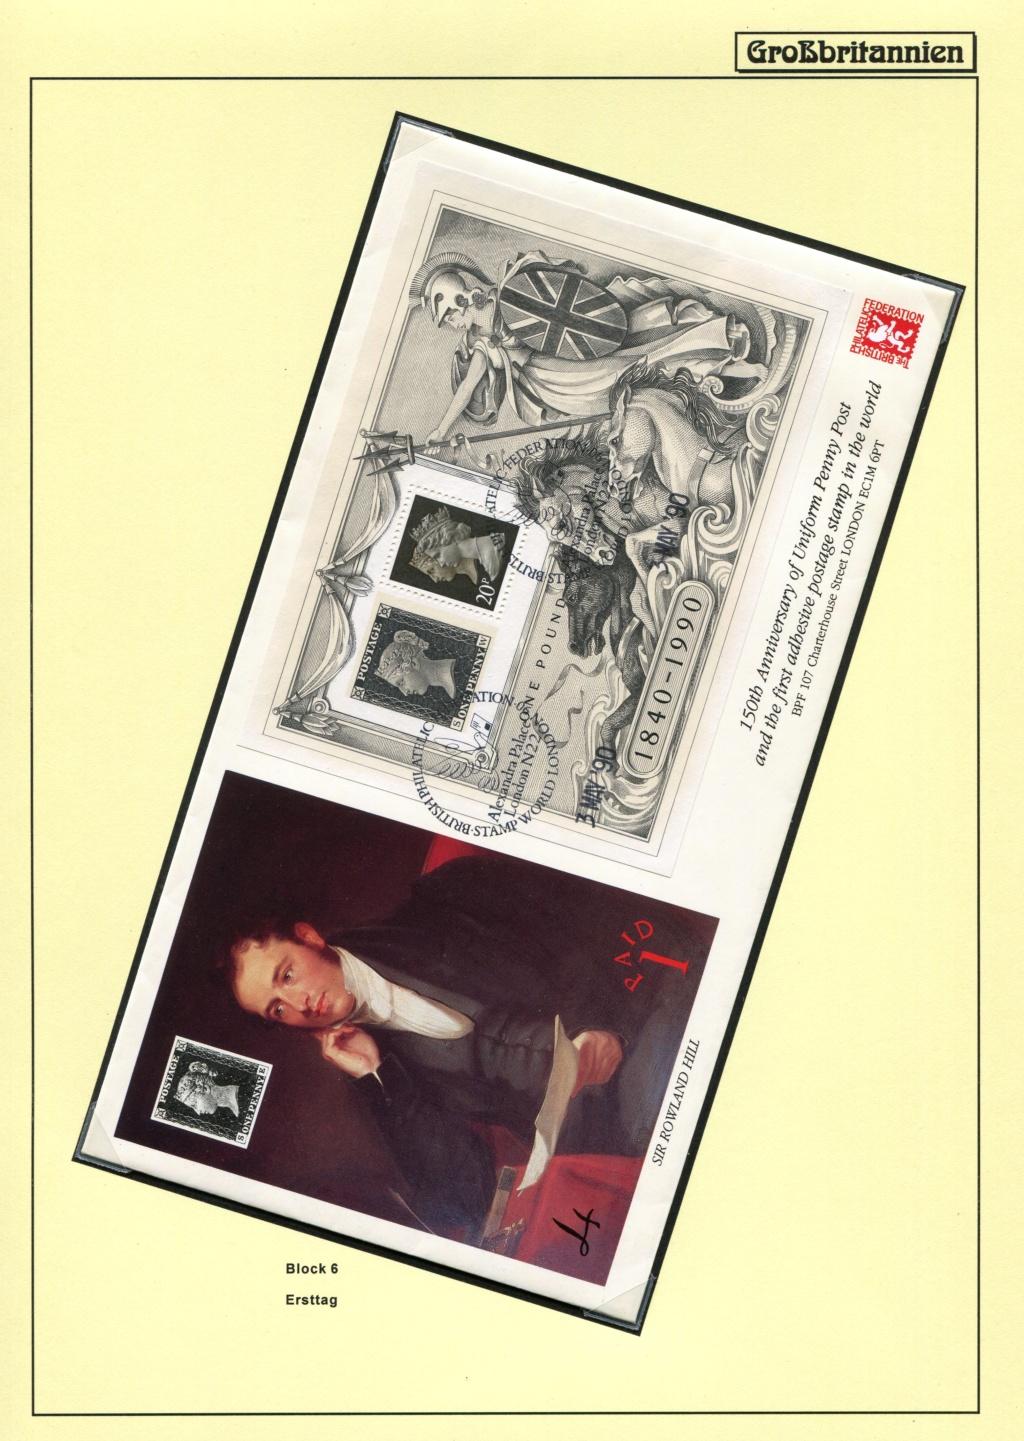 Großbritannien - 150 Jahre Briefmarken Black_33